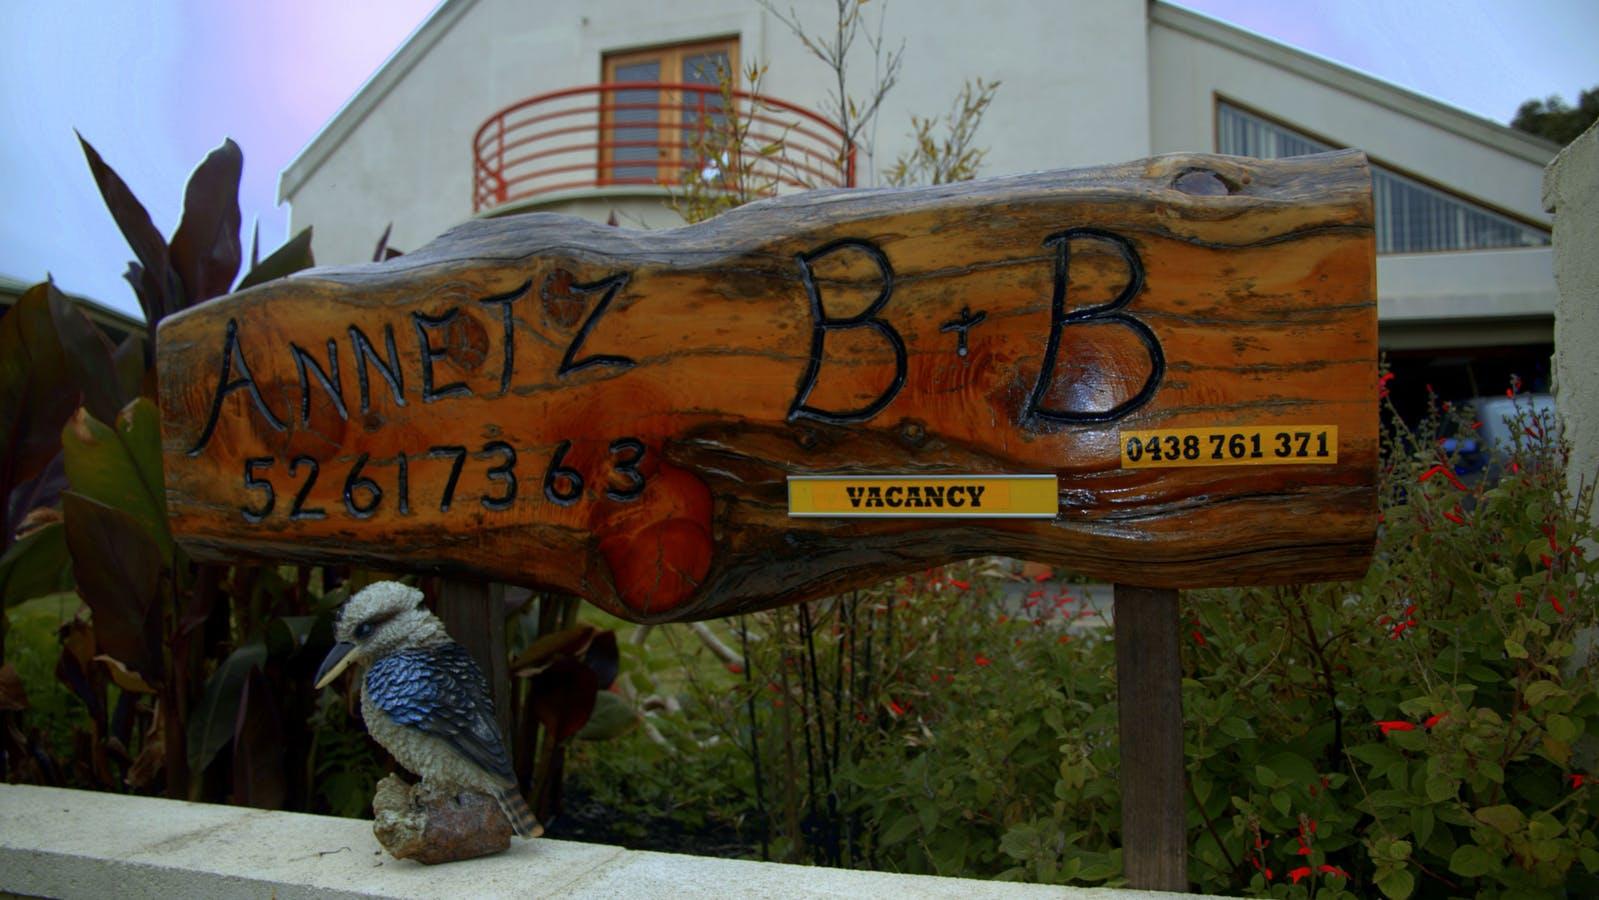 Annetz B&B